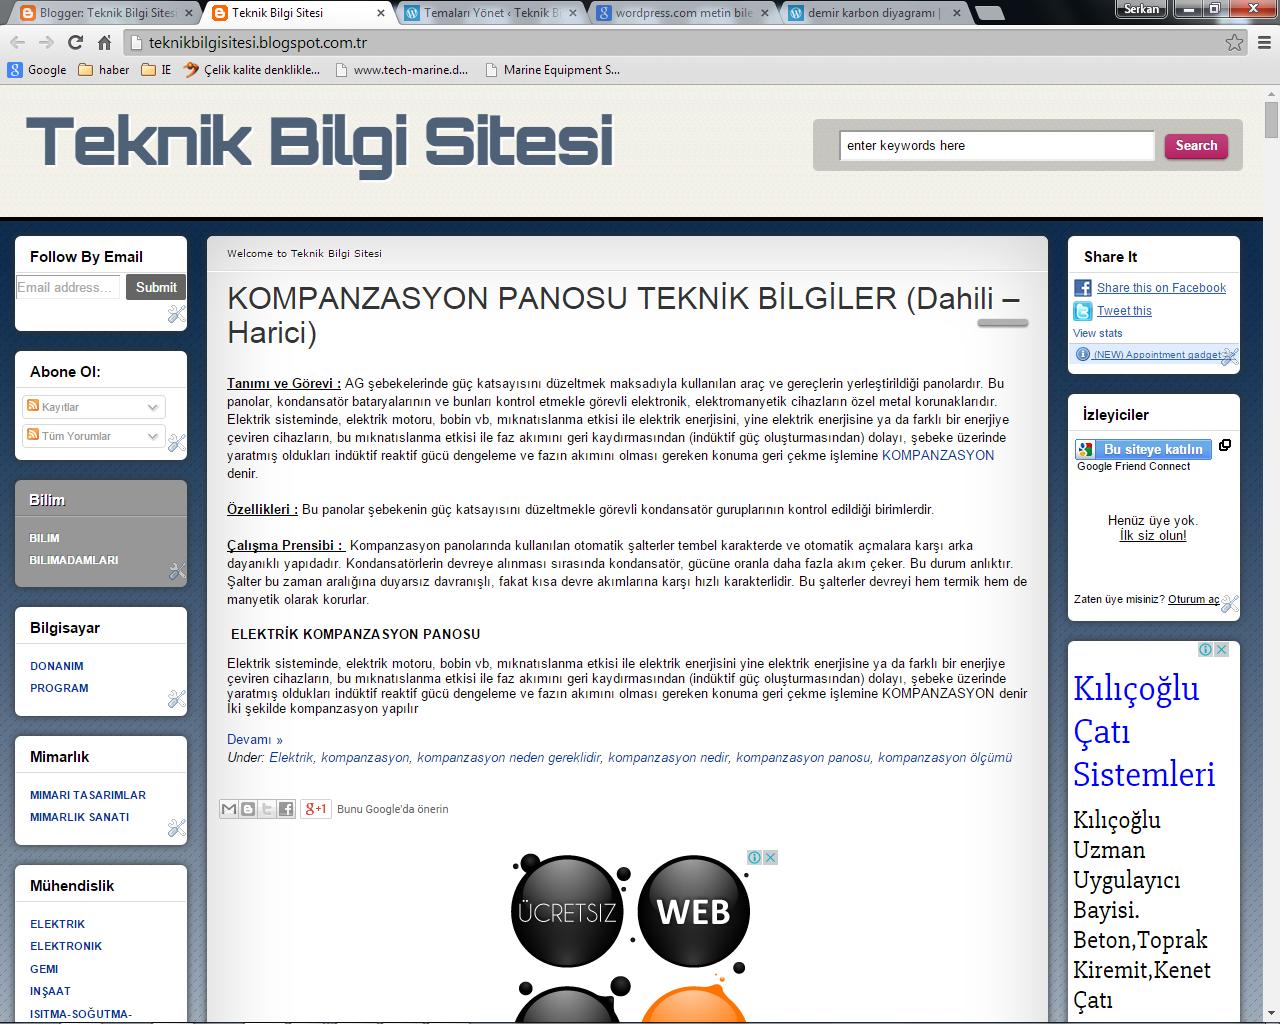 Teknik Bilgi Sitesi